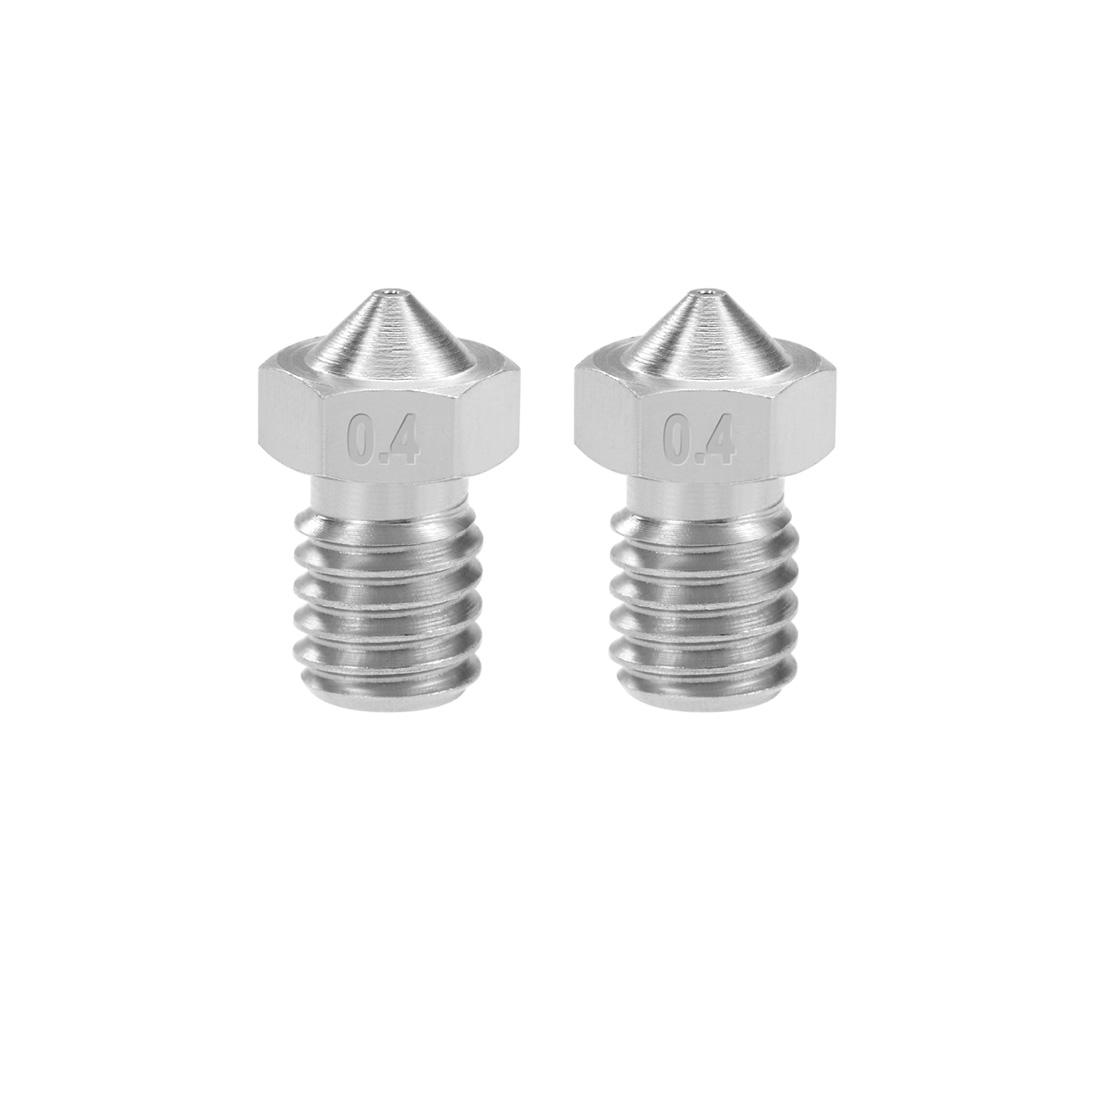 0.4mm 3D Printer Nozzle Head M6 Thread for V5 V6 1.75mm Extruder Print 2pcs